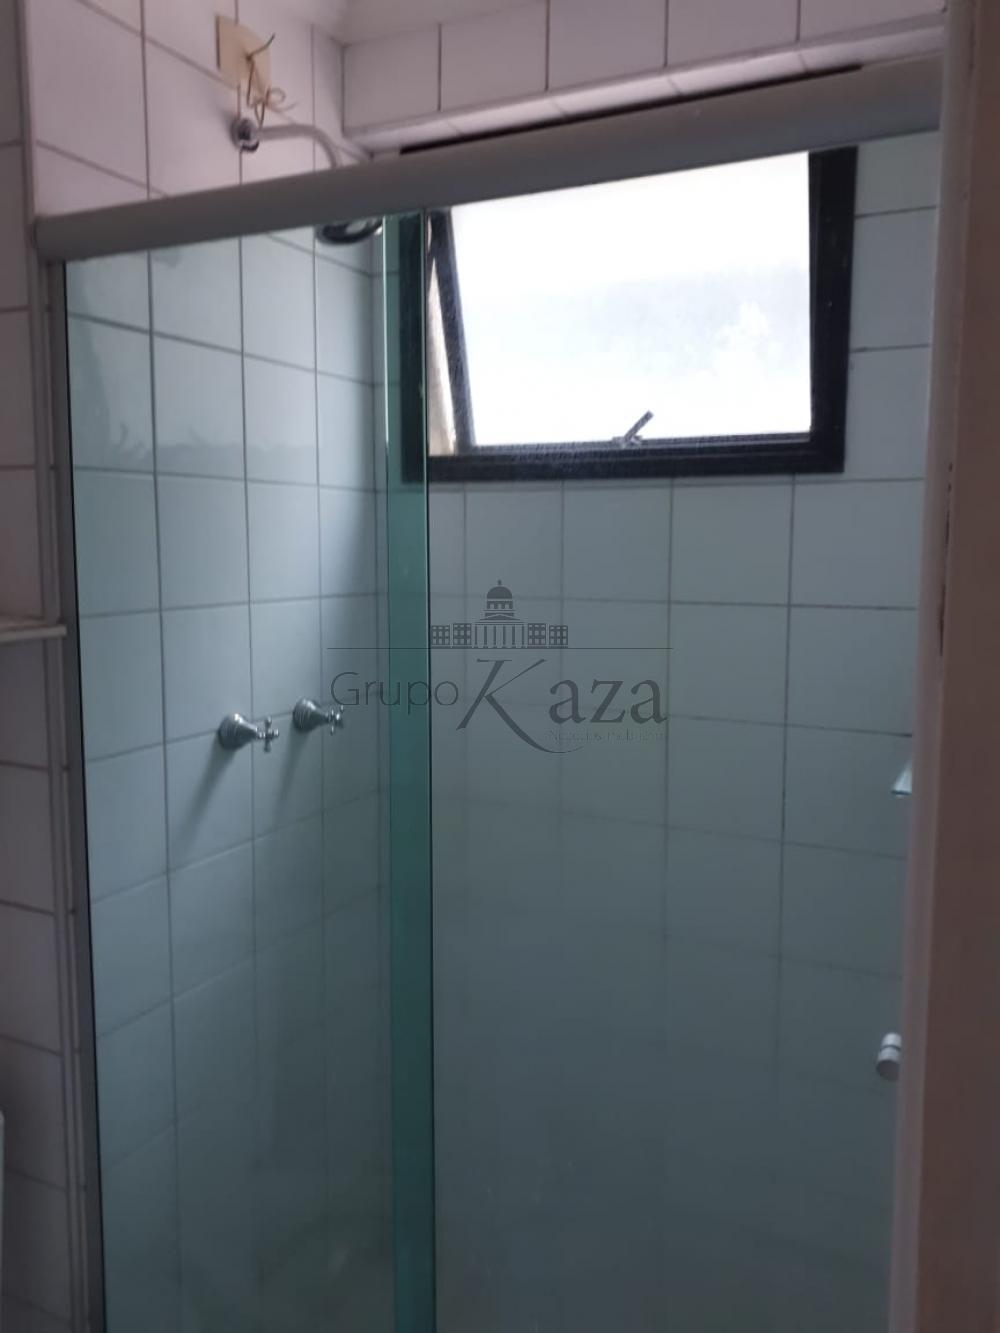 Alugar Apartamento / Padrão em São José dos Campos R$ 2.650,00 - Foto 10